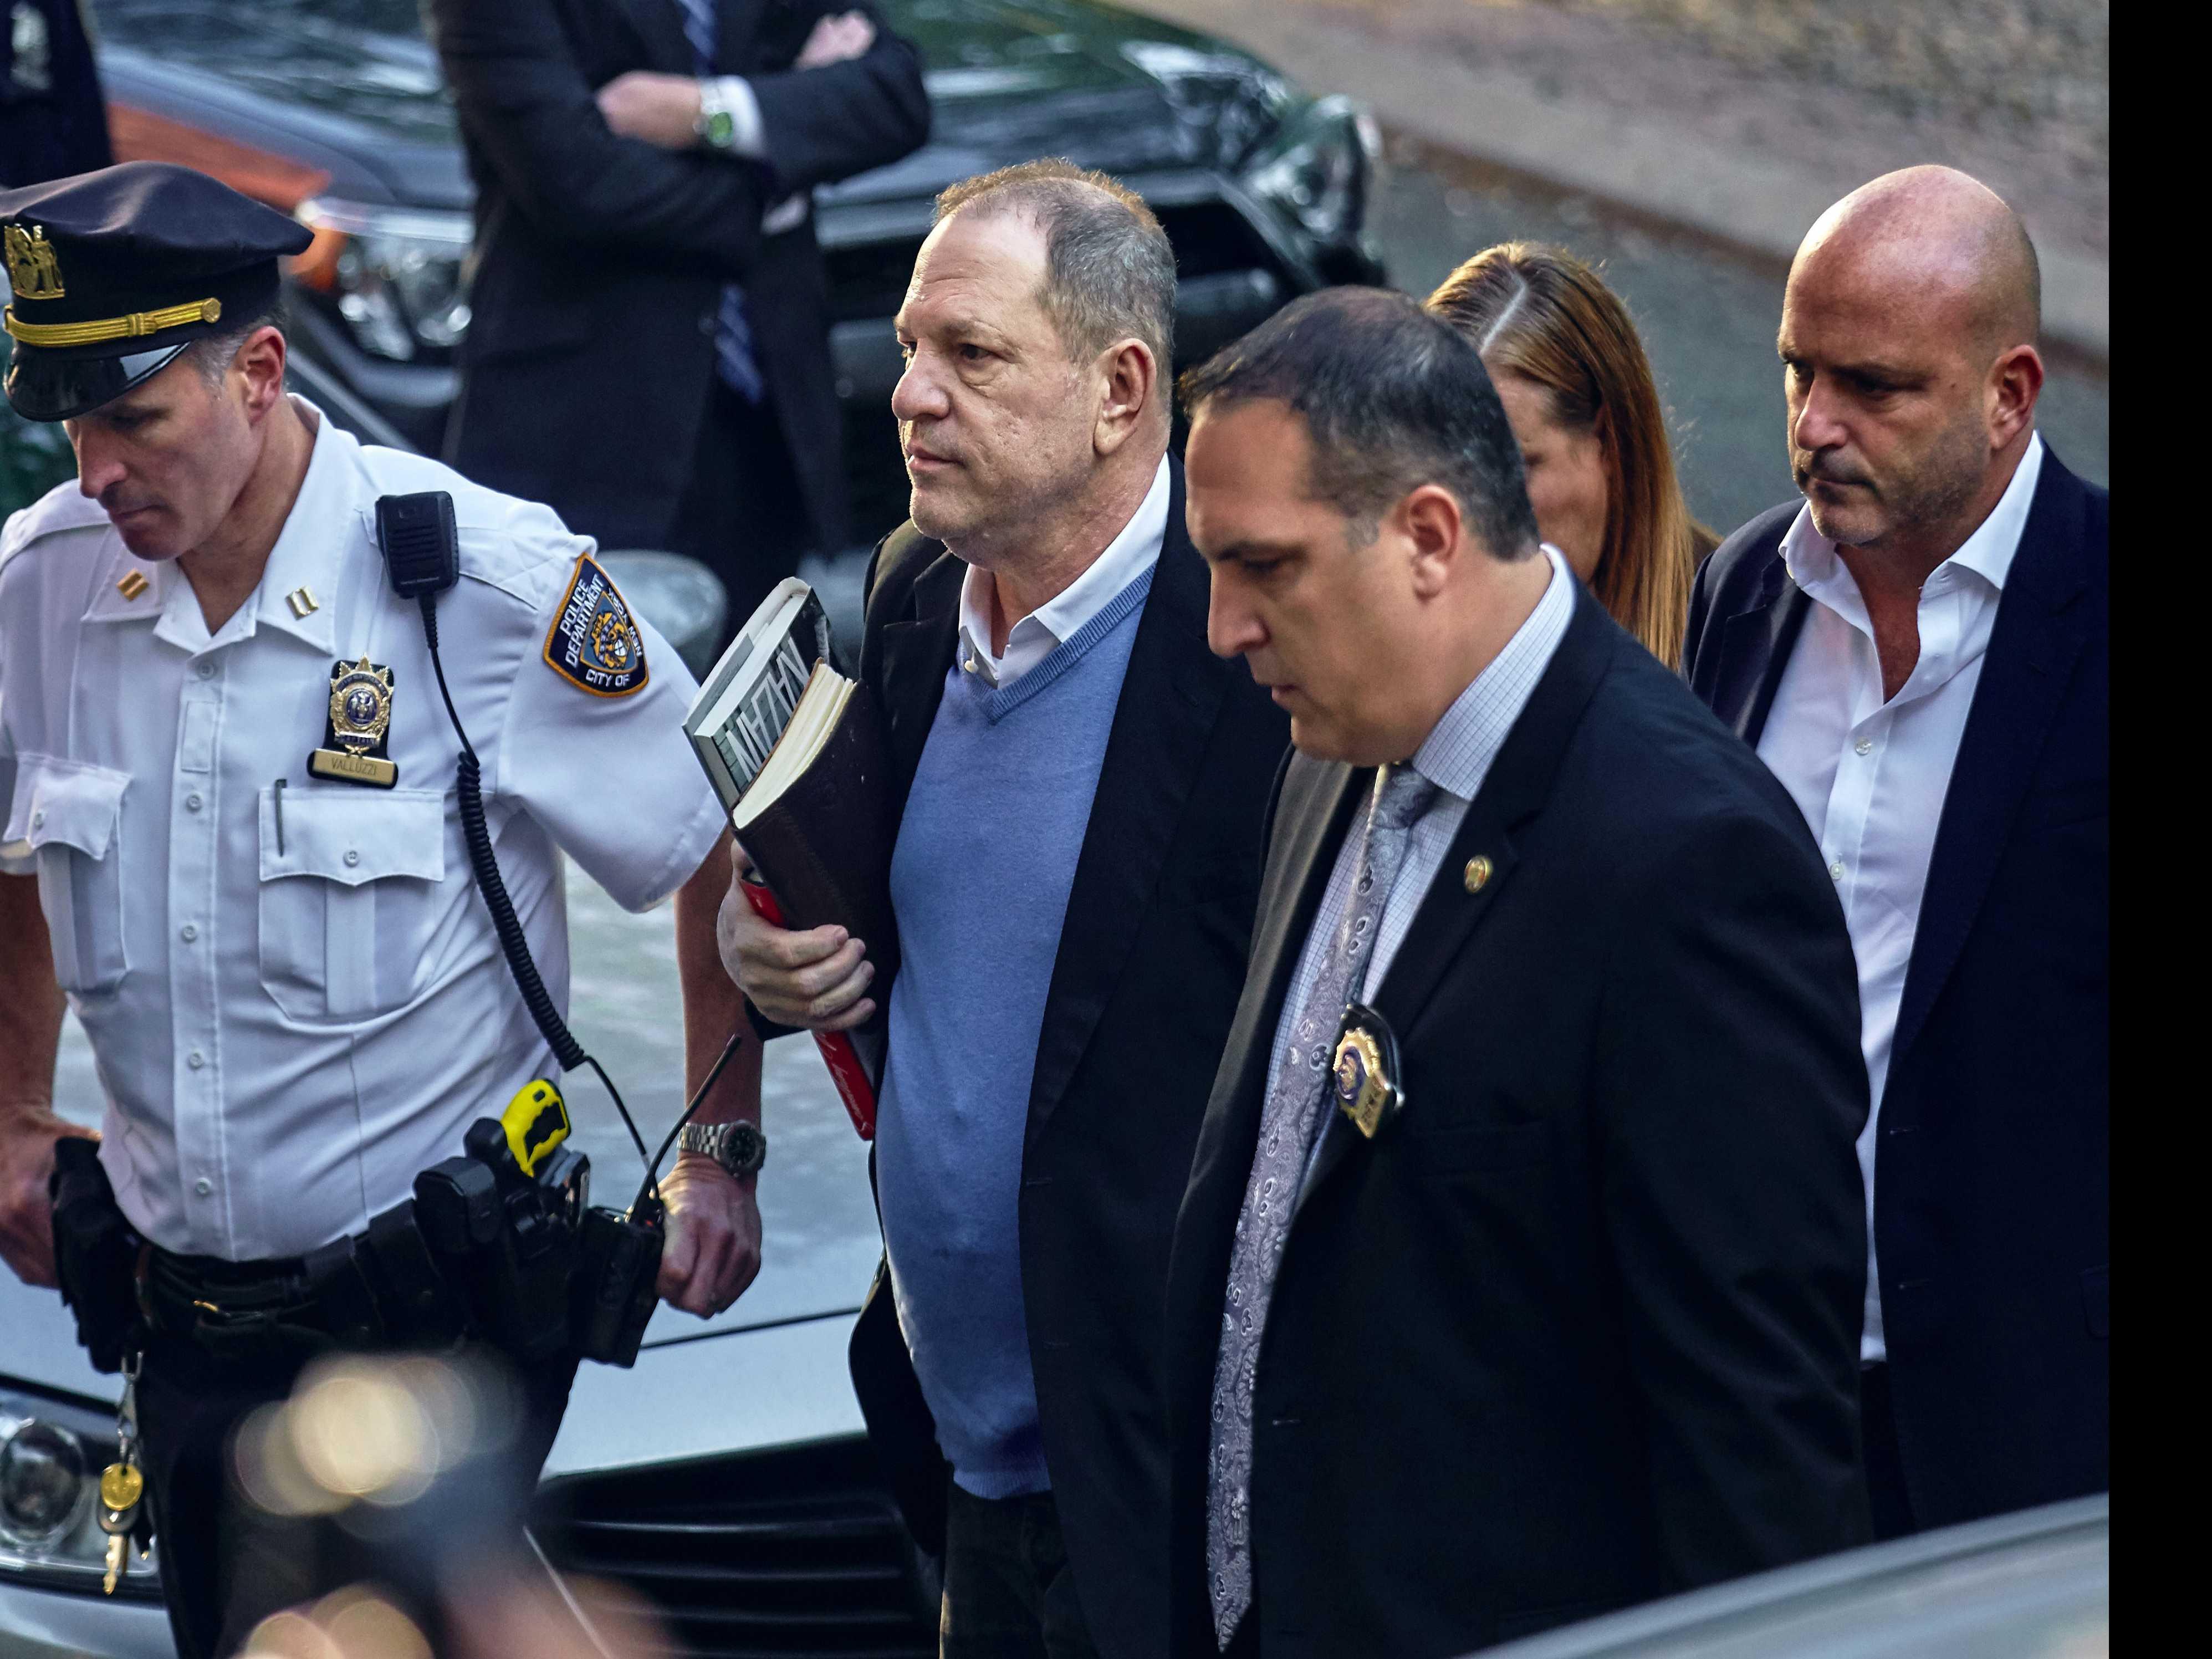 Harvey Weinstein Due Back in Court in Sex Crimes Case